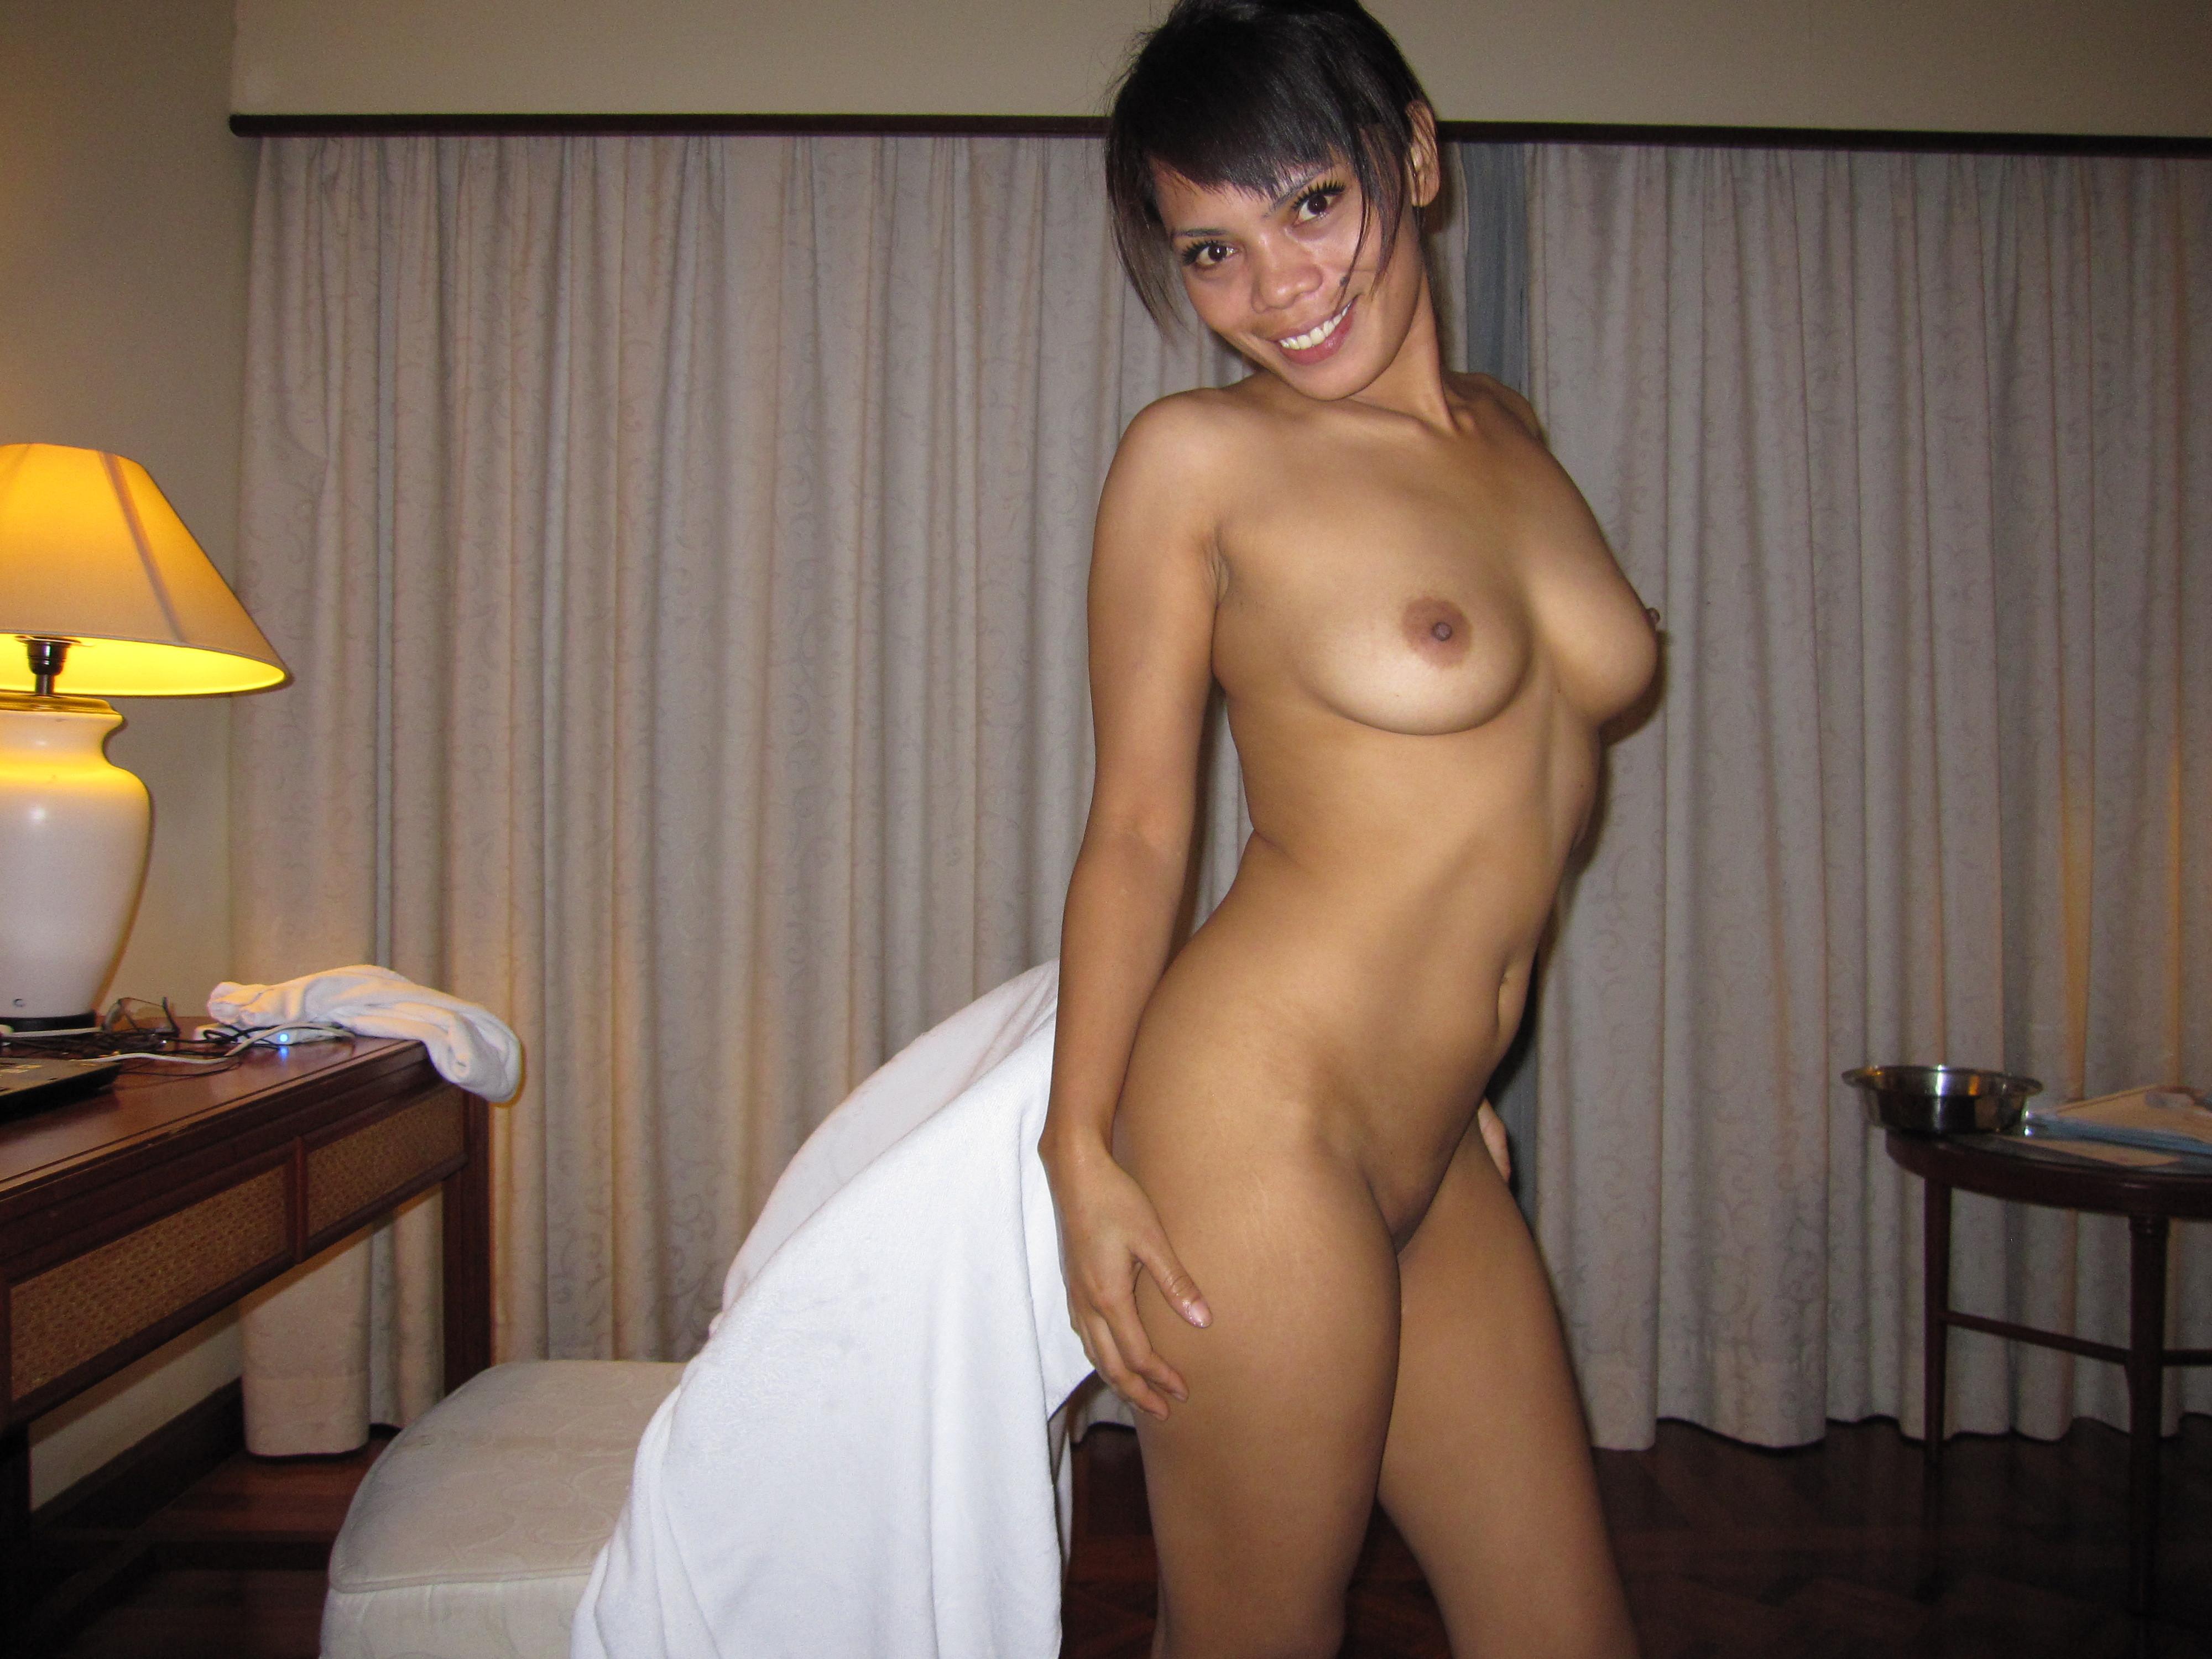 Малайзийка отсасывает у туриста в гостинице